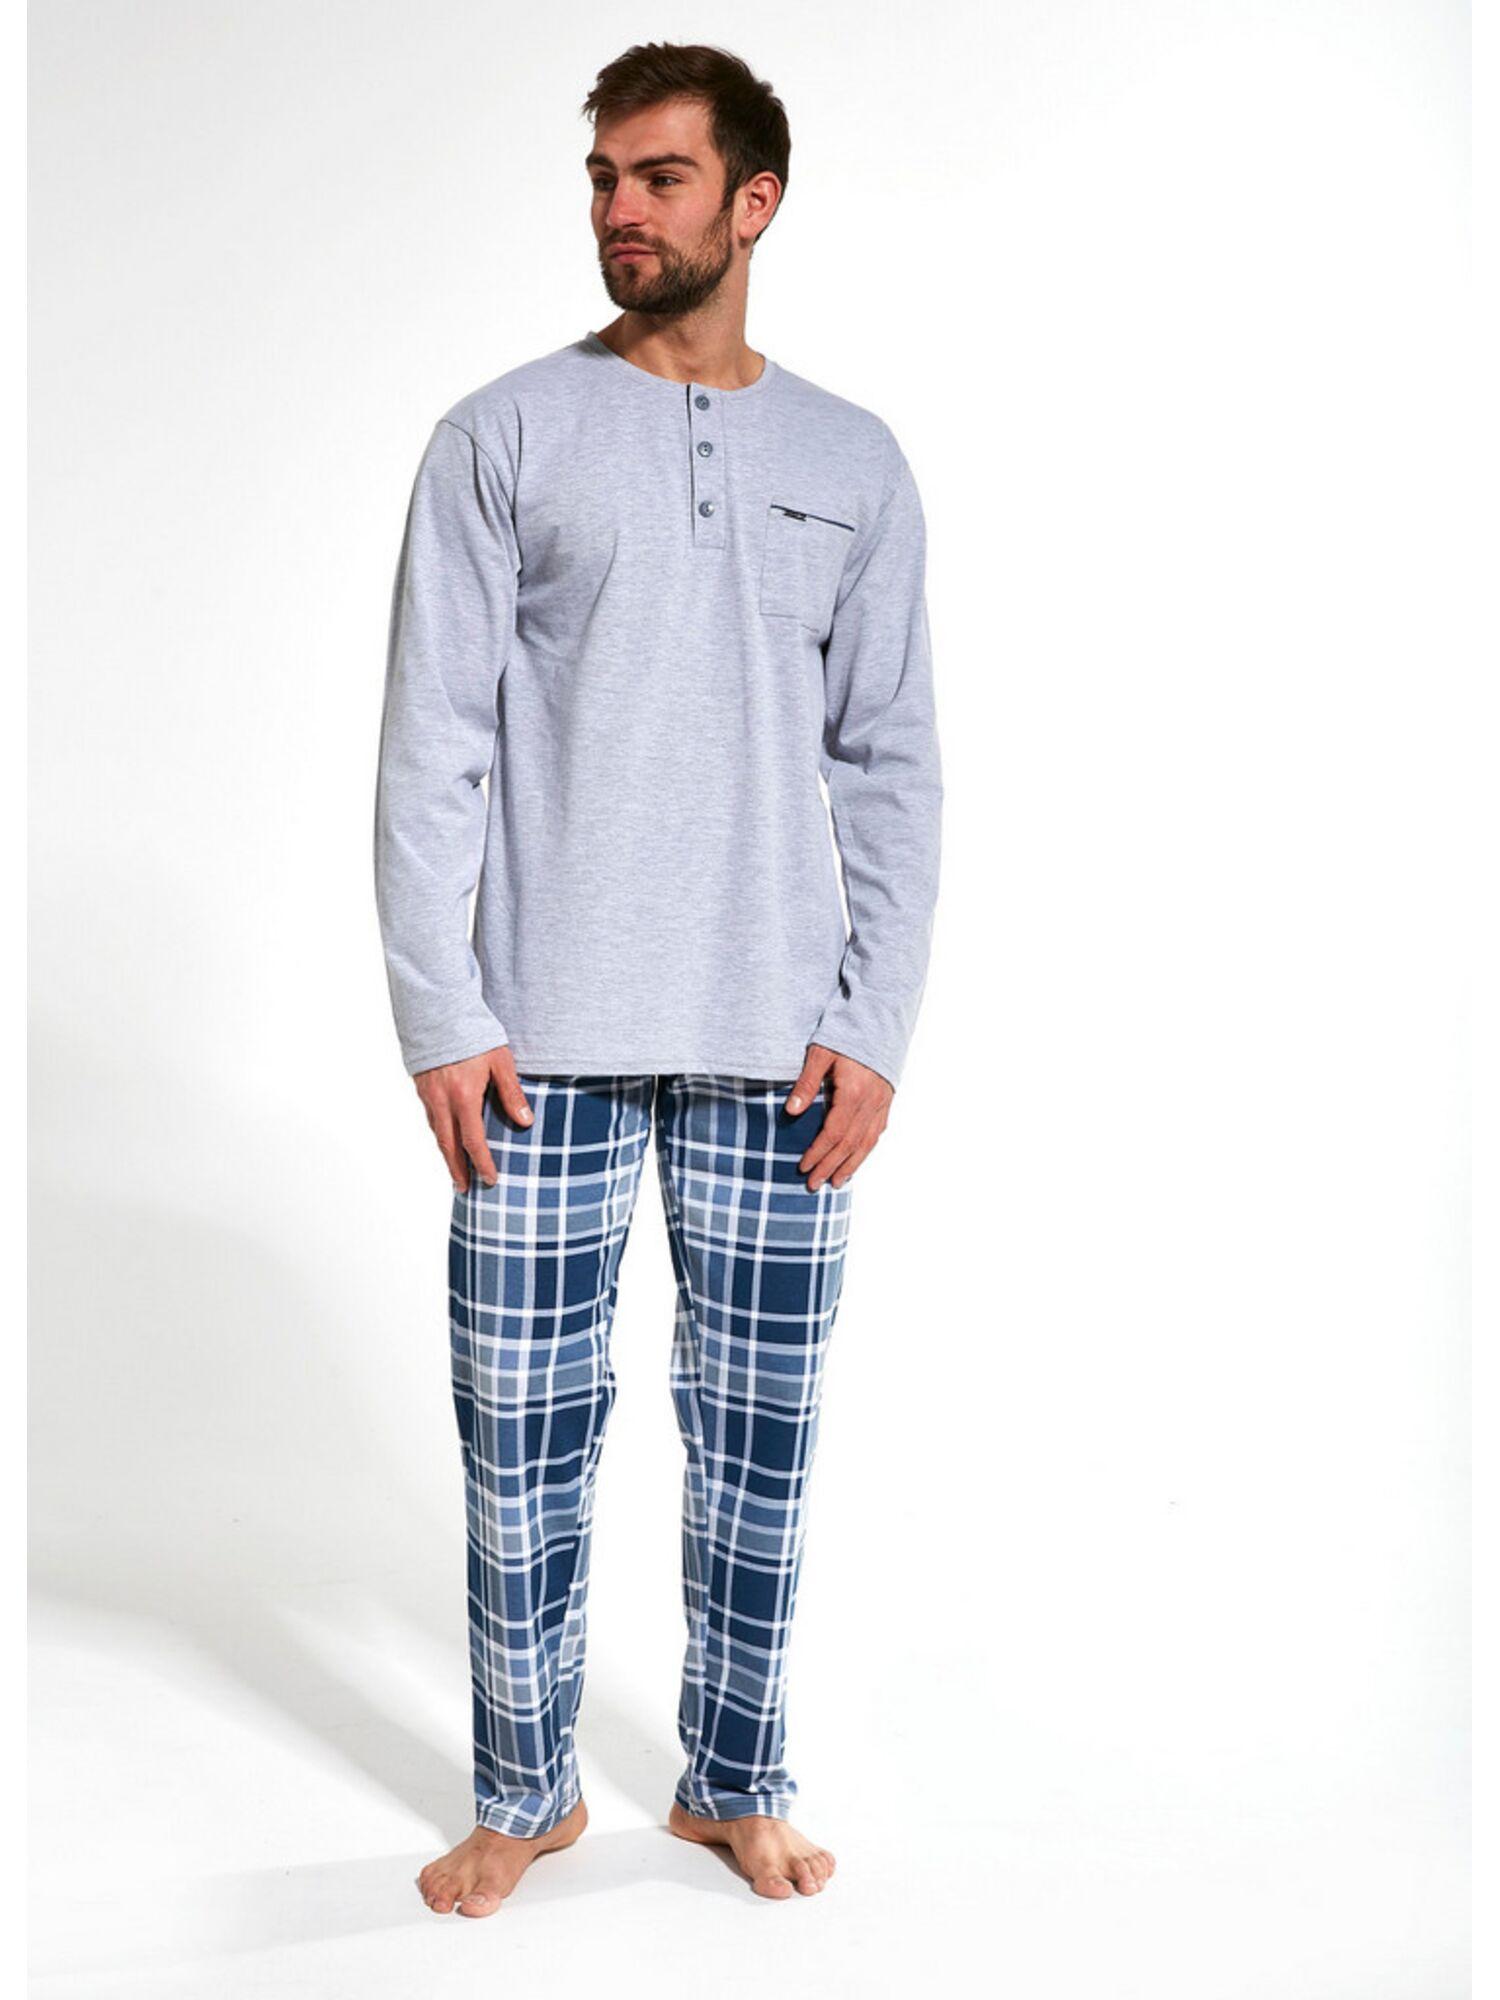 Пижама мужская со штанами хлопковая 125 DAVE, серый, CORNETTE